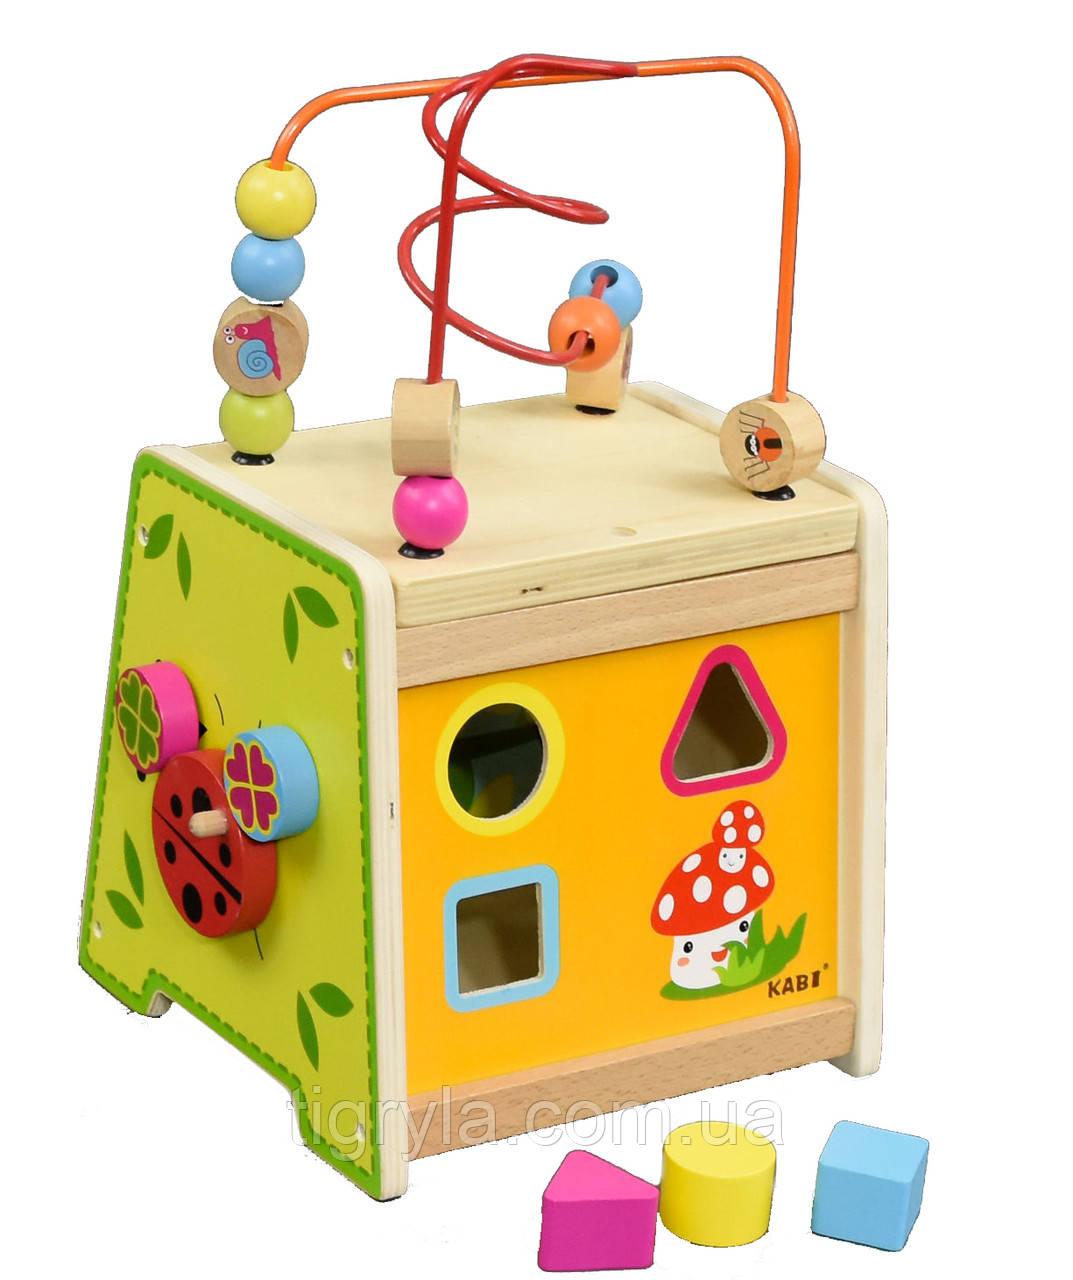 Деревянная логическая игрушка сортер